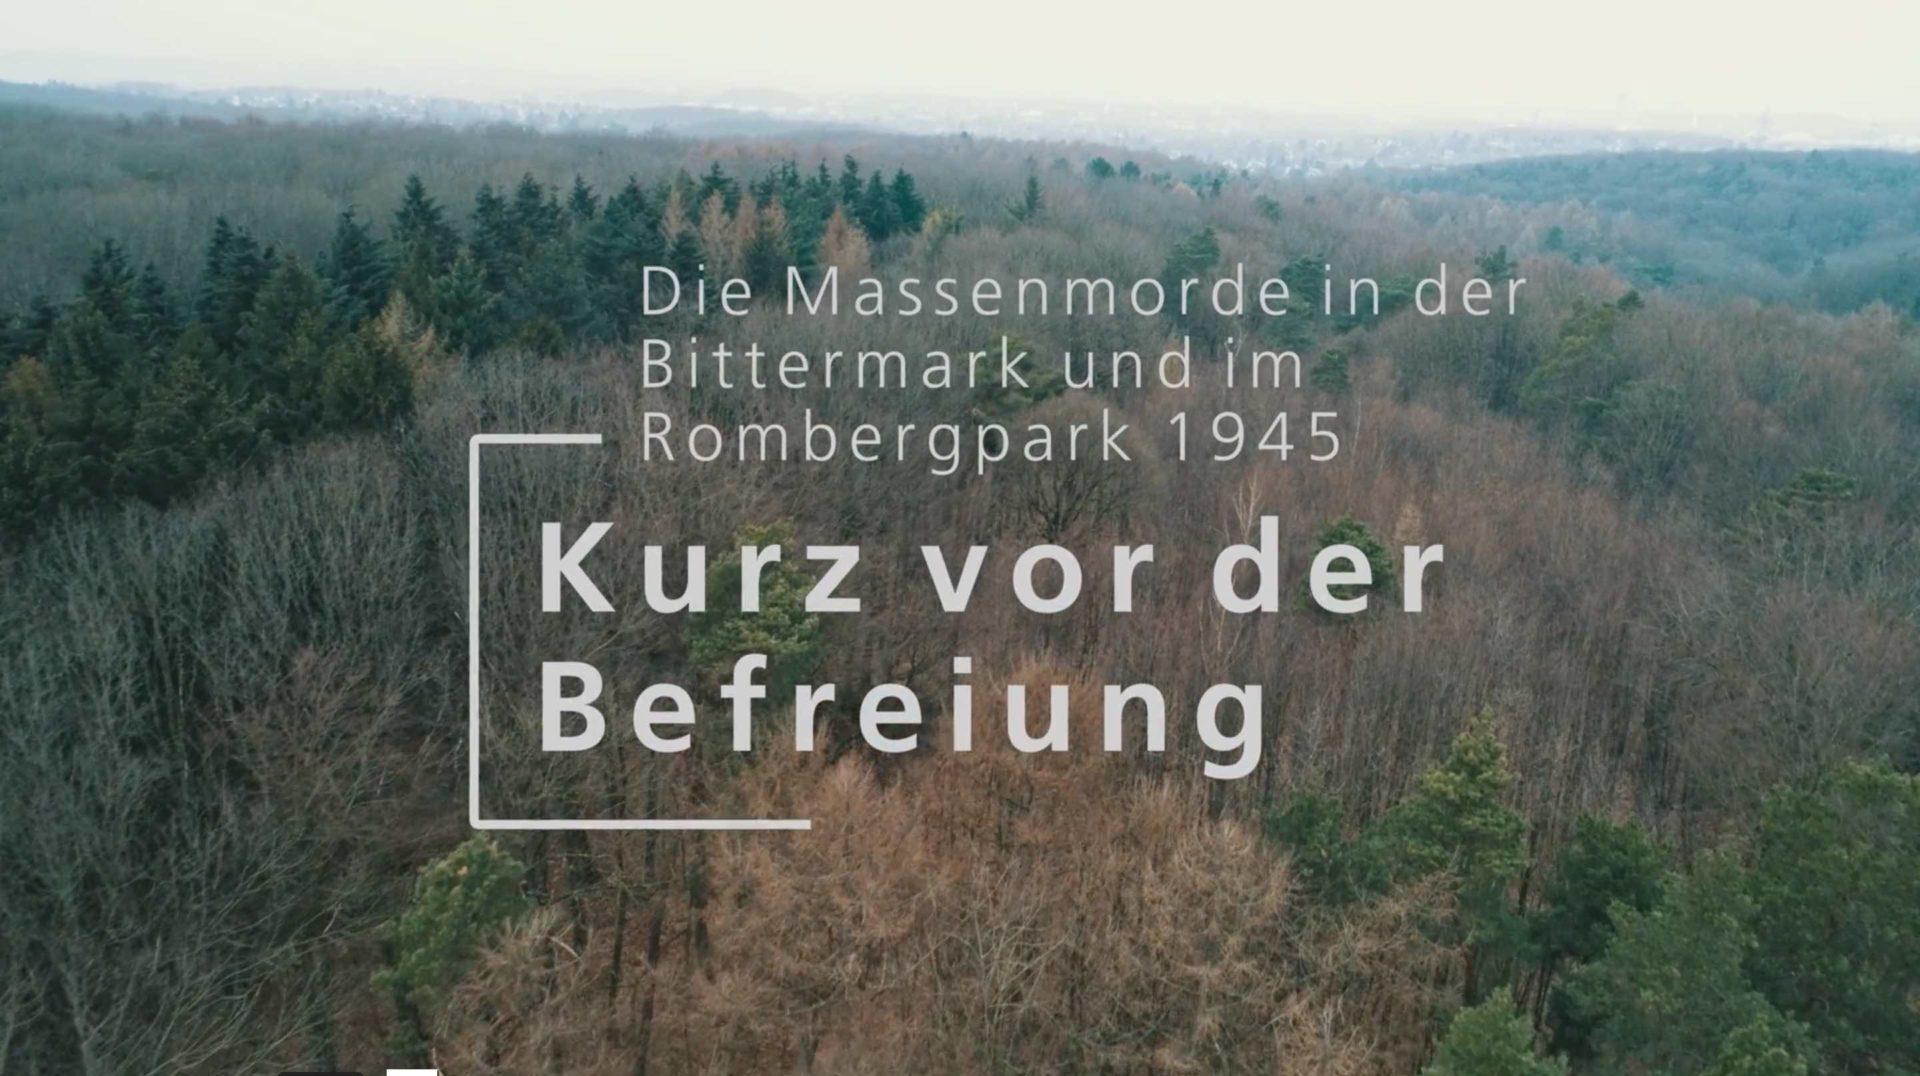 Stadt Dortmund und Steinwache DortmundDokumentation